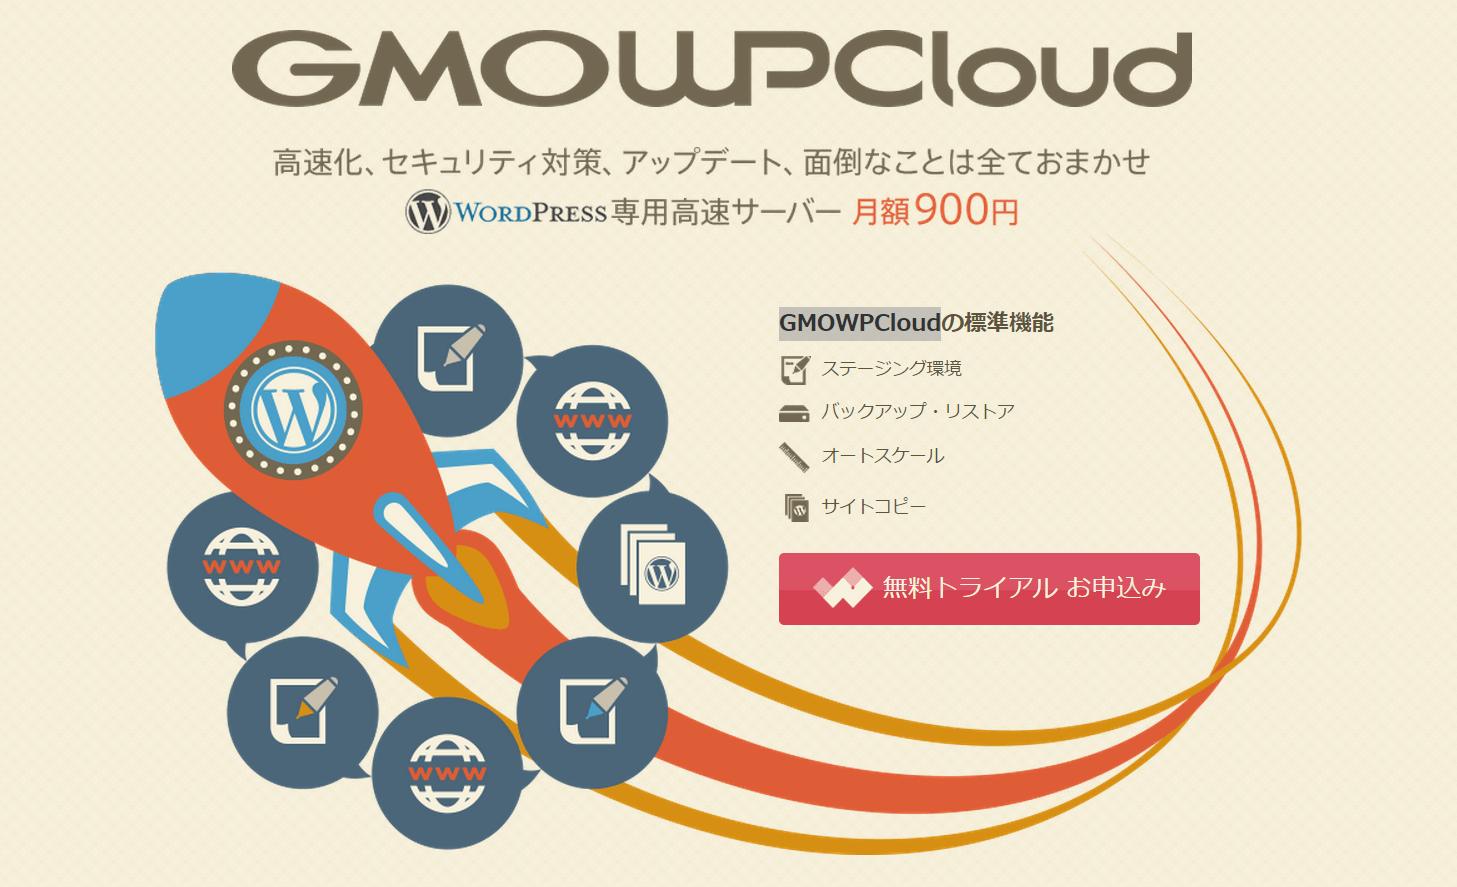 GMO WP Cloud トップページキャプチャ